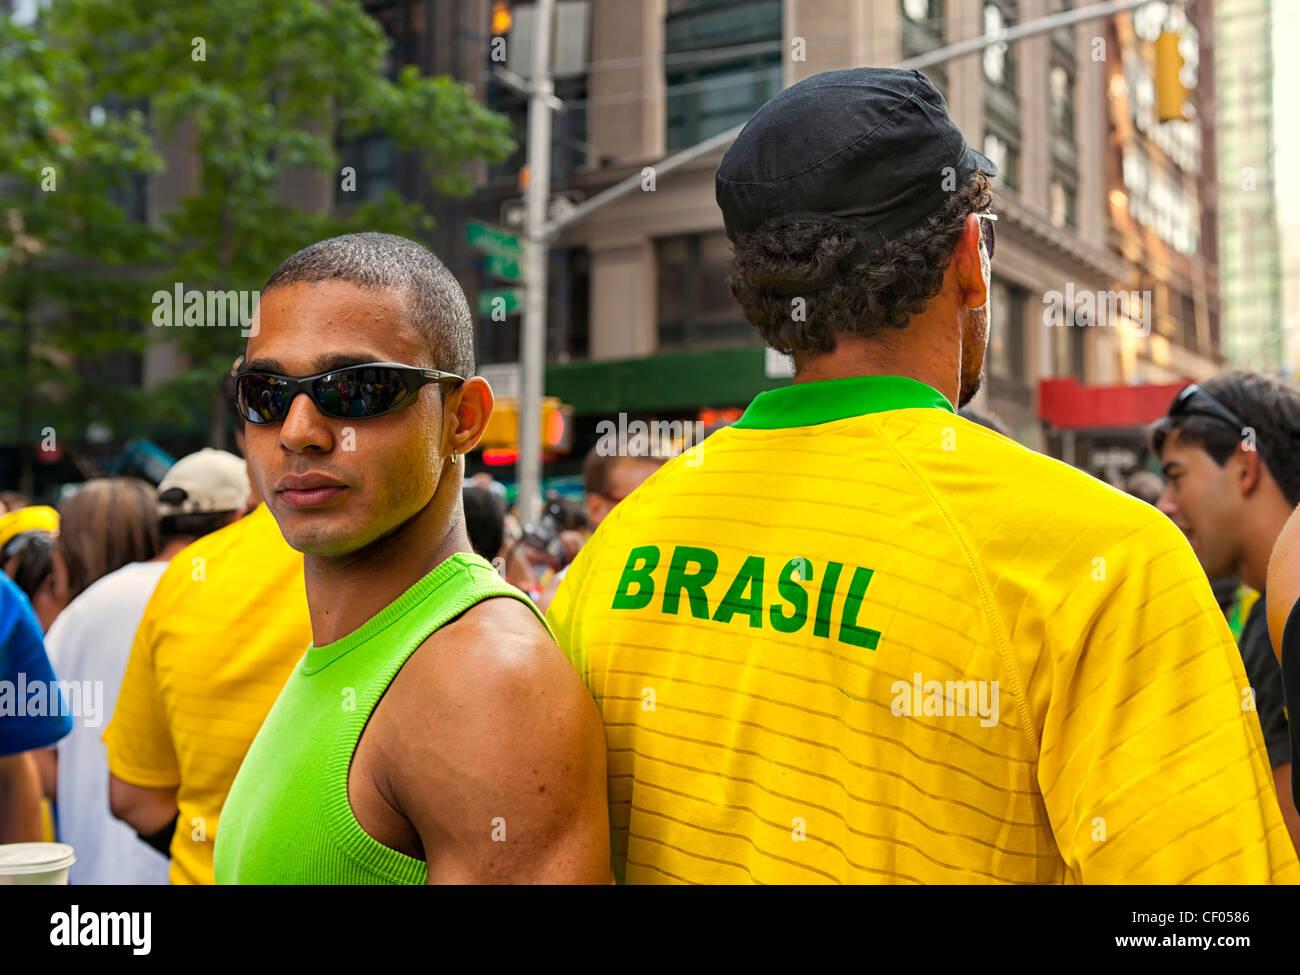 At Brazilian Day Festival, 2 men back to back, 1 in Brasil shirt, Little Brazil, New York City, NY USA, on August - Stock Image